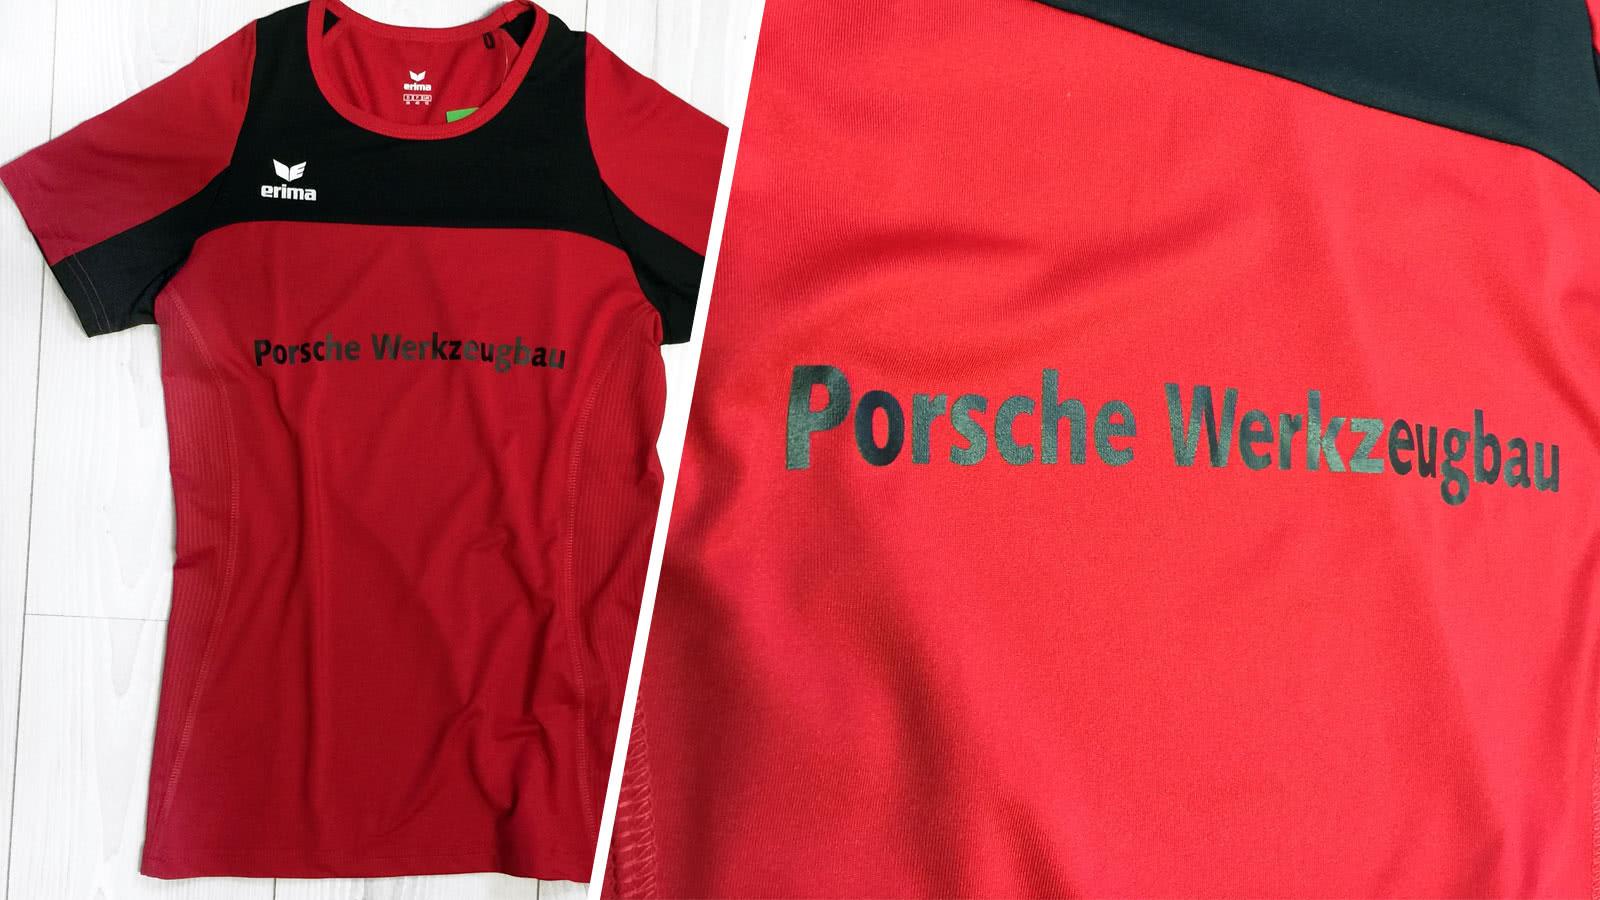 100% Qualität wie man serch Schnäppchen für Mode Laufshirt Bedruckung - Porsche Werkzeugbau - Sportartikel ...